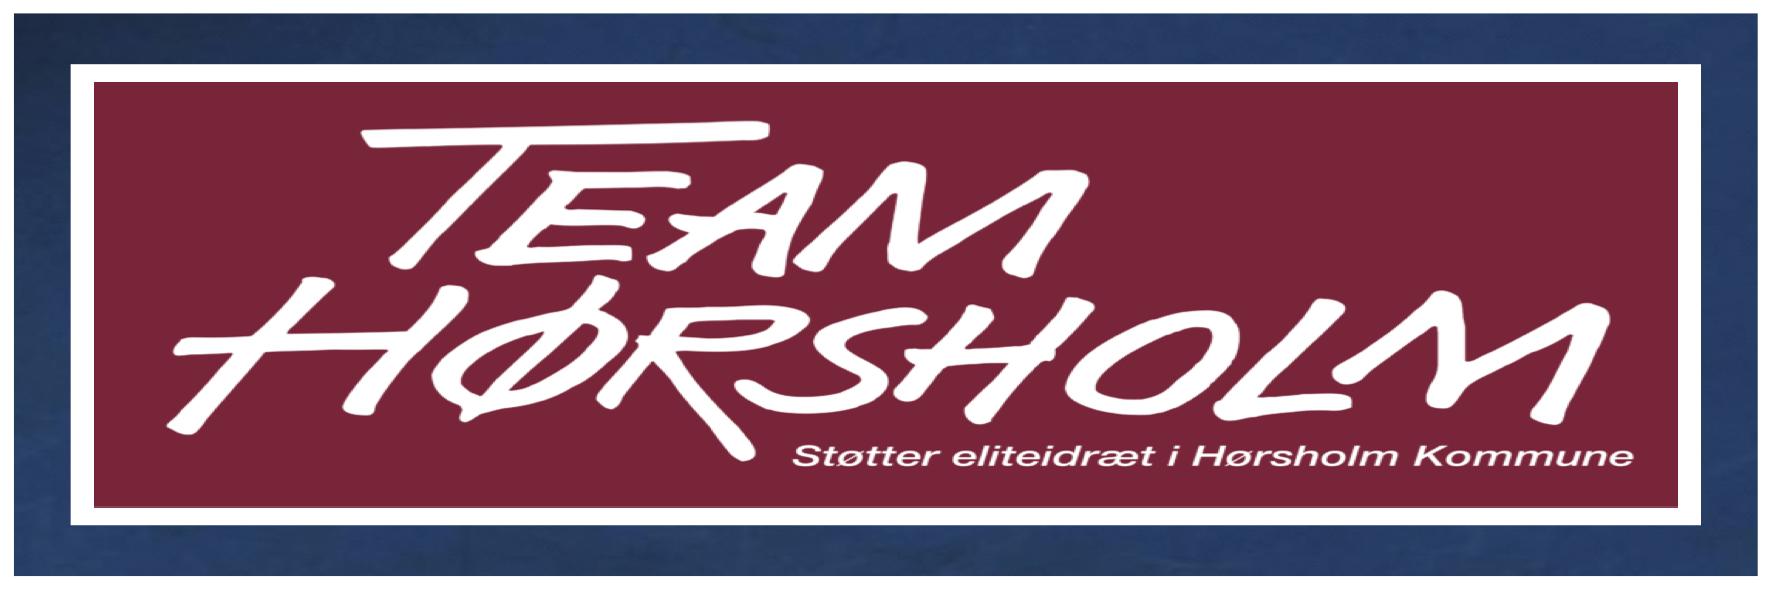 Hjemmeside-Banner-Team-Hørsholm-1